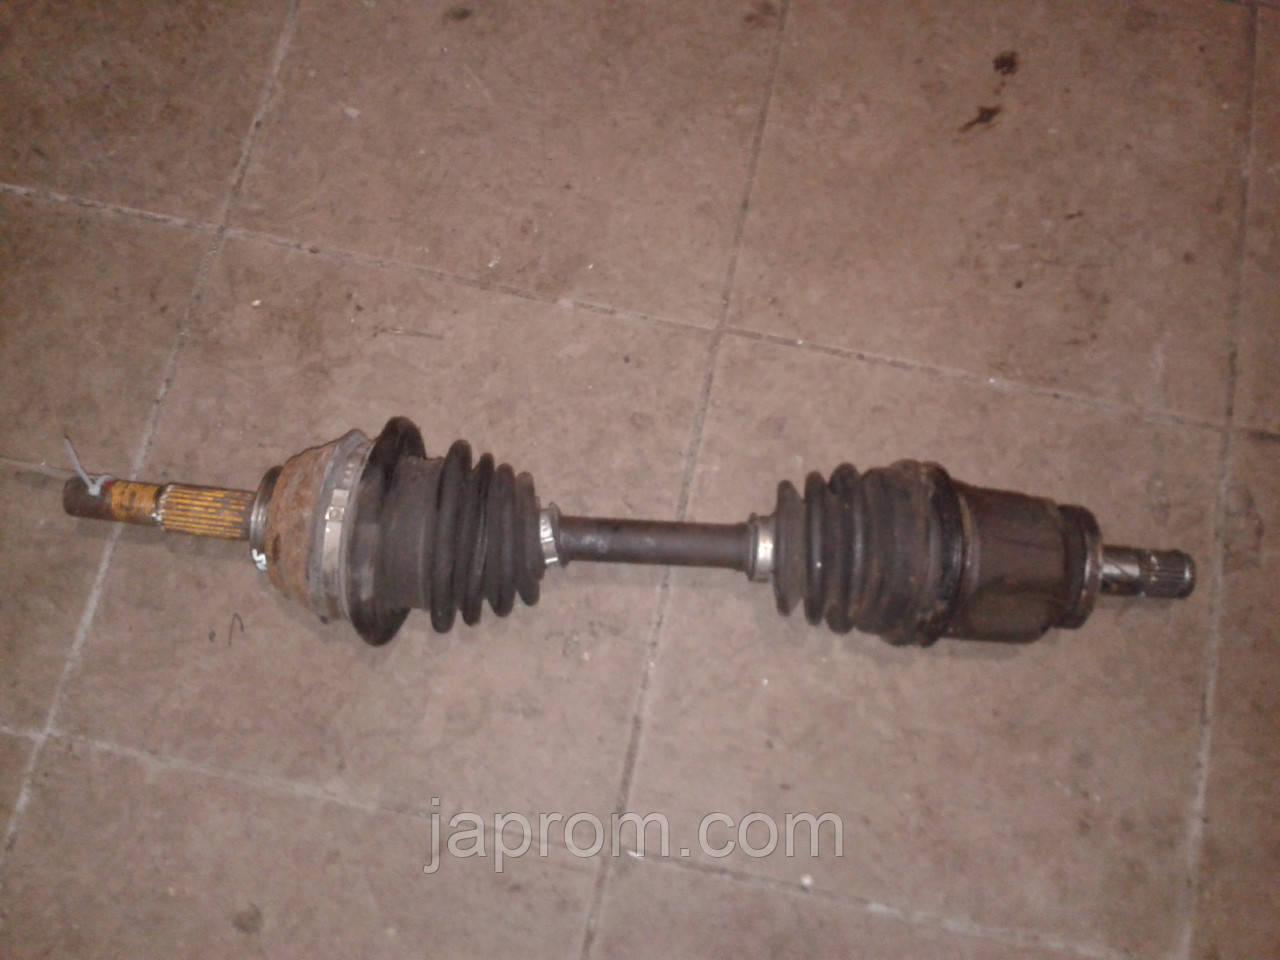 Полуось (привод) передний левый Nissan Almera N15 1995-2000г.в. 2.0 дизель